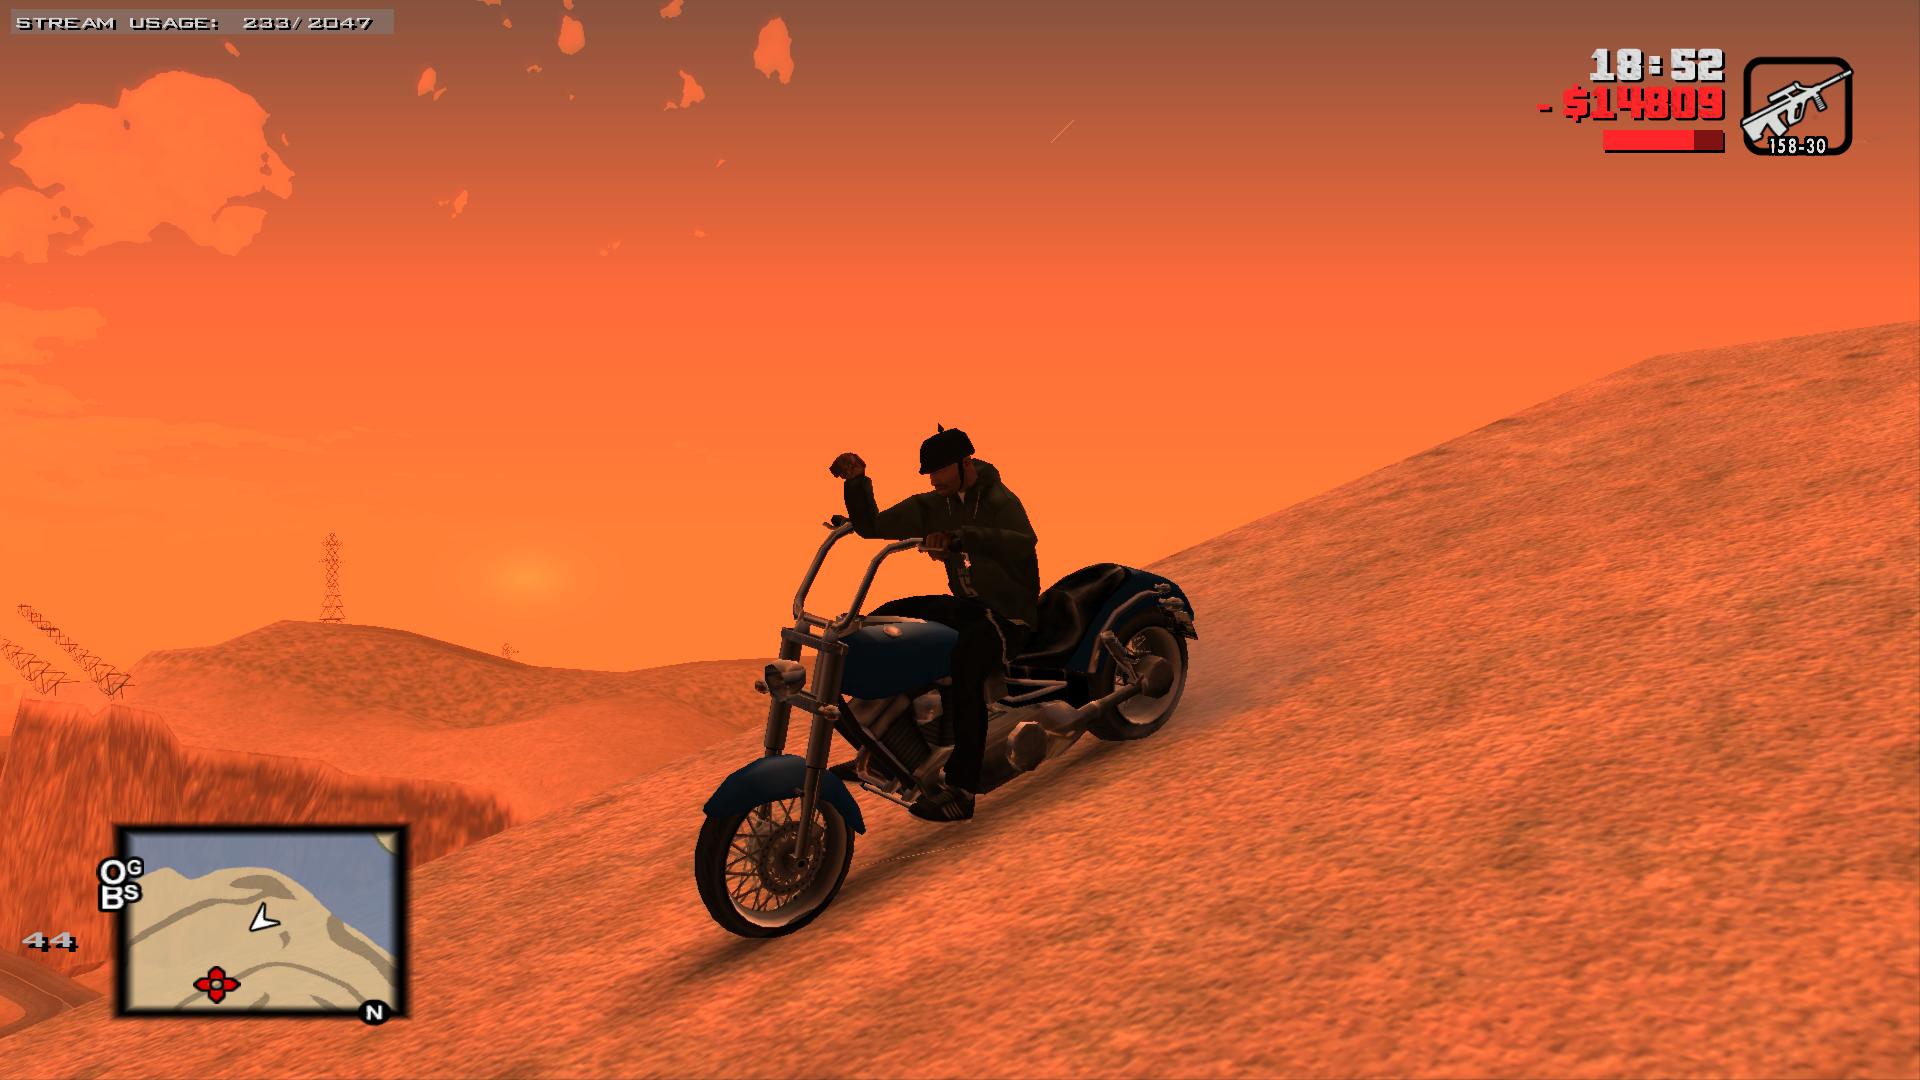 GTA-San-Andreas-15-03-2020-01-57-04.png